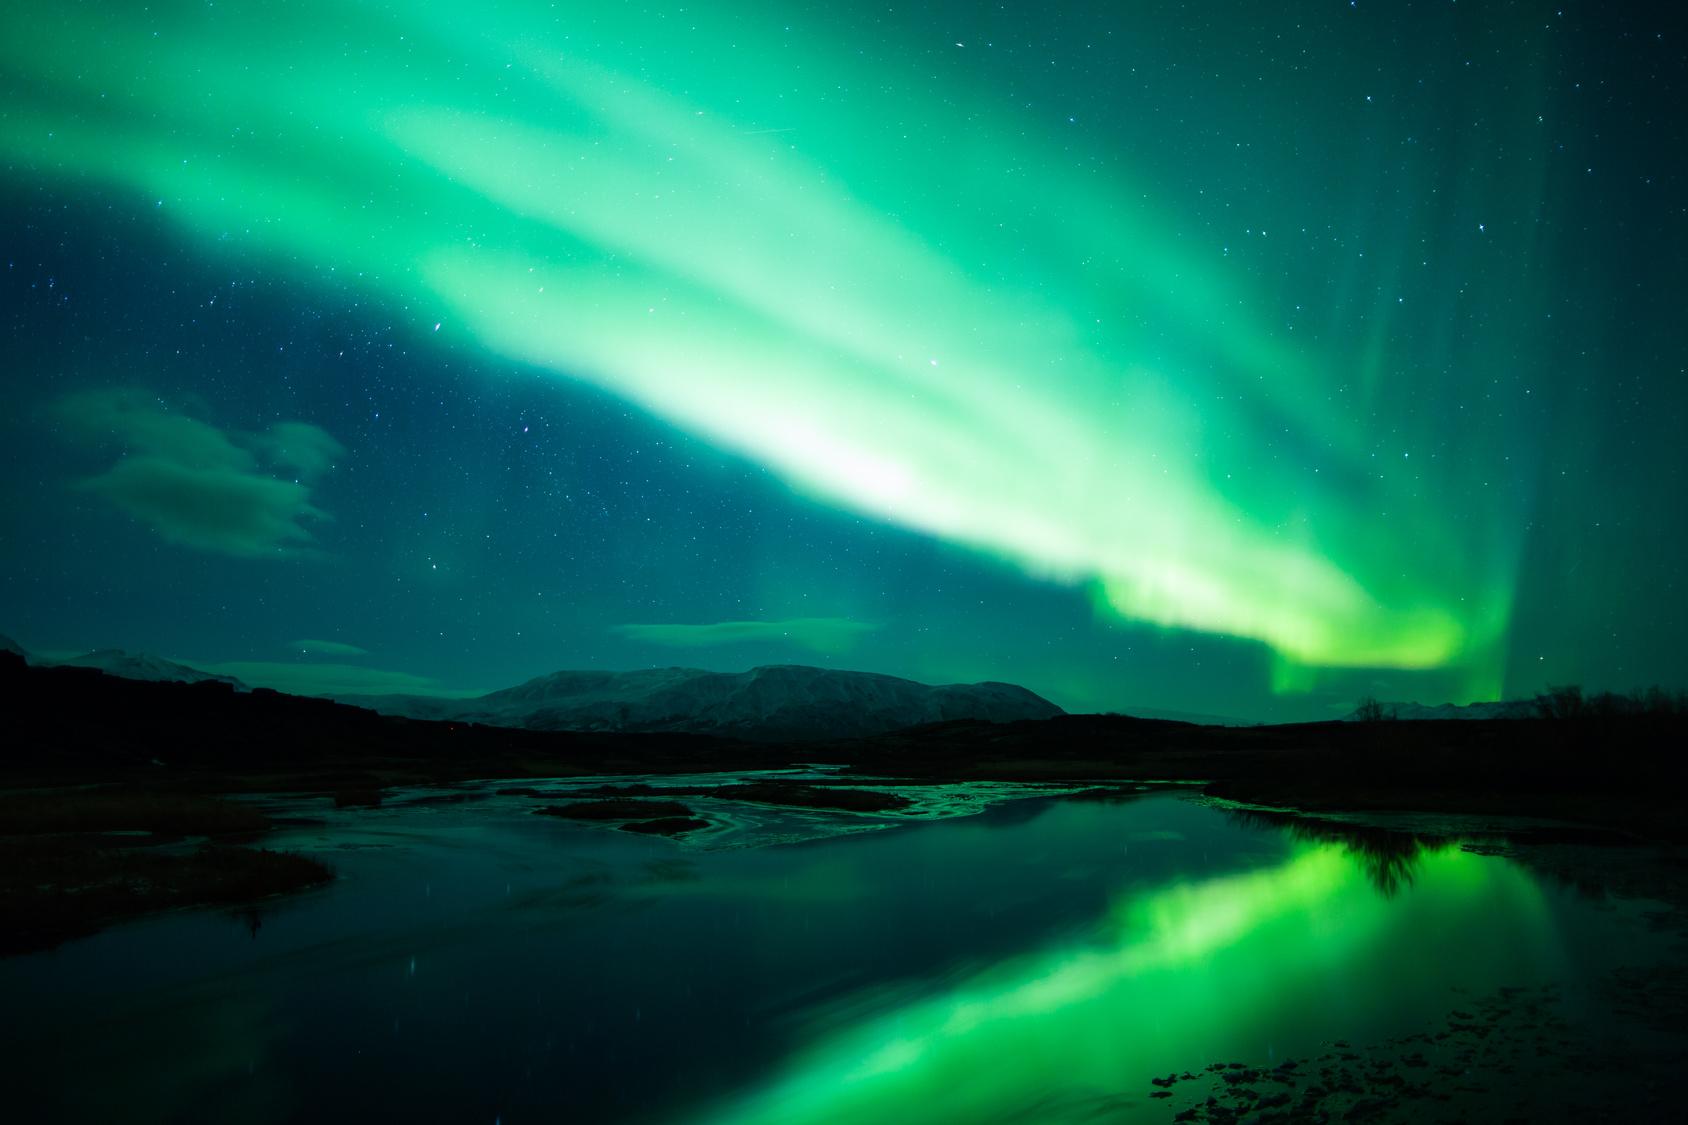 Akureyri , Hofn , Myvatn , Reykjavik , Vik , Jokulsarlon , Skaftafell , Geysir , Borgarfjordur Eystri